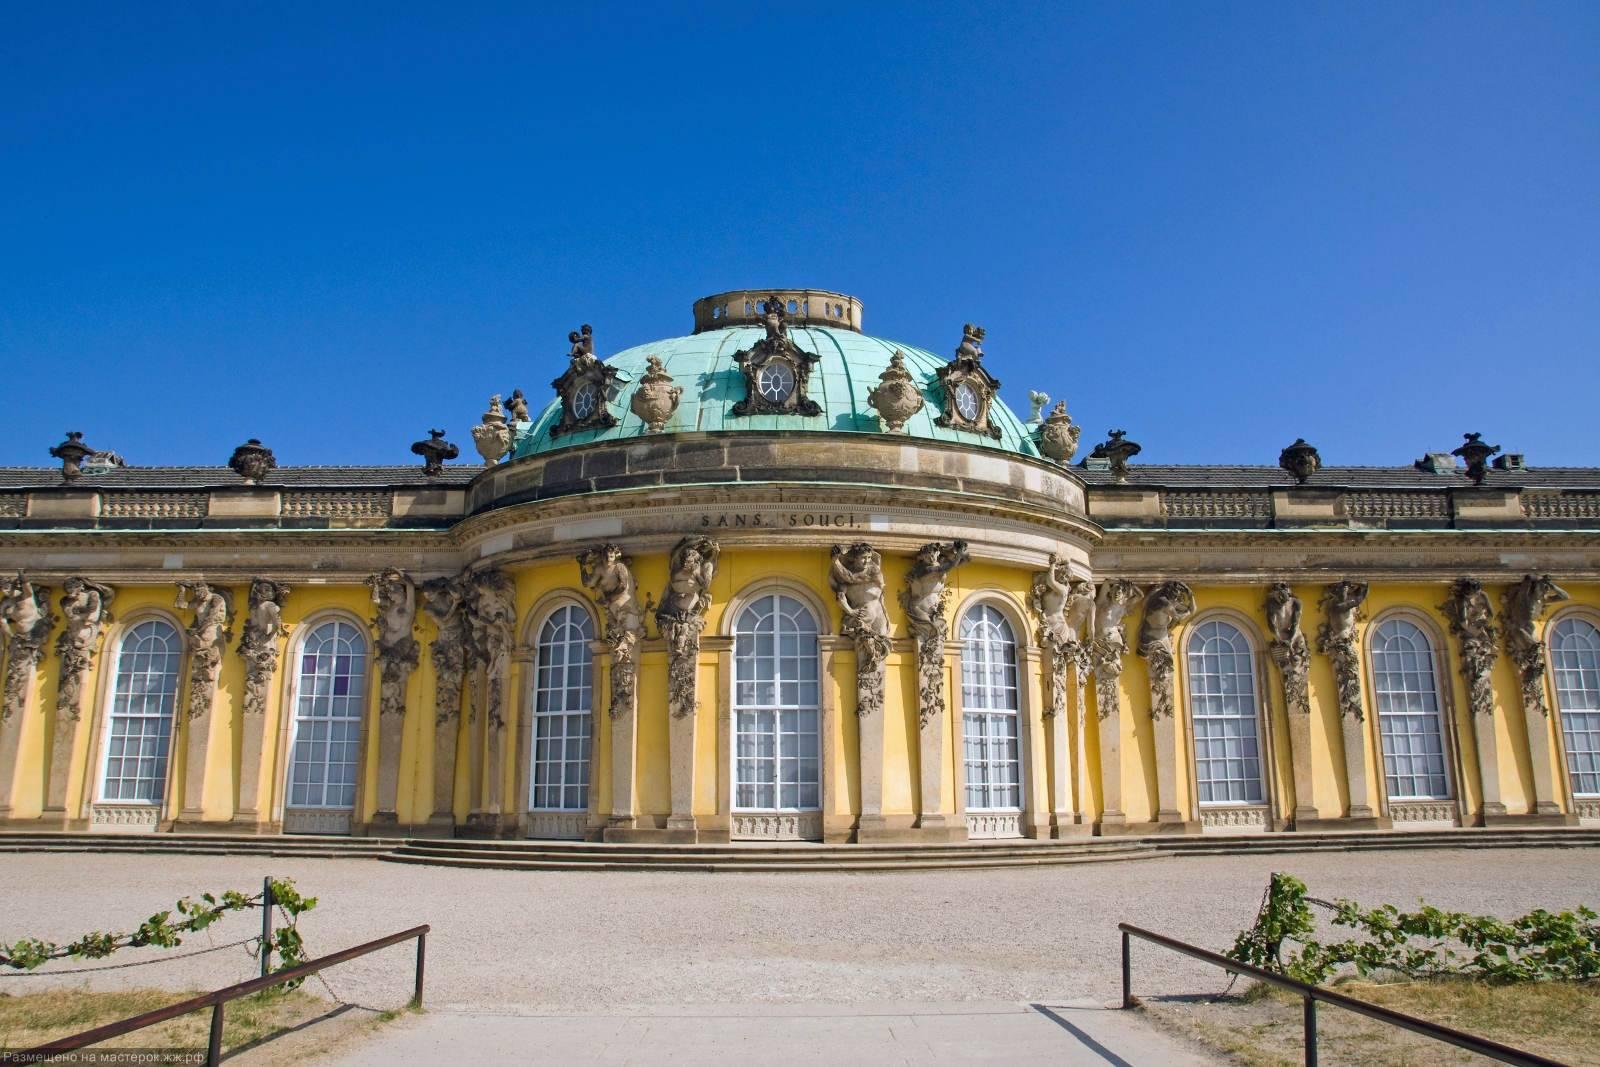 Сан-суси, потсдам, германия: описание парка и дворца с фото